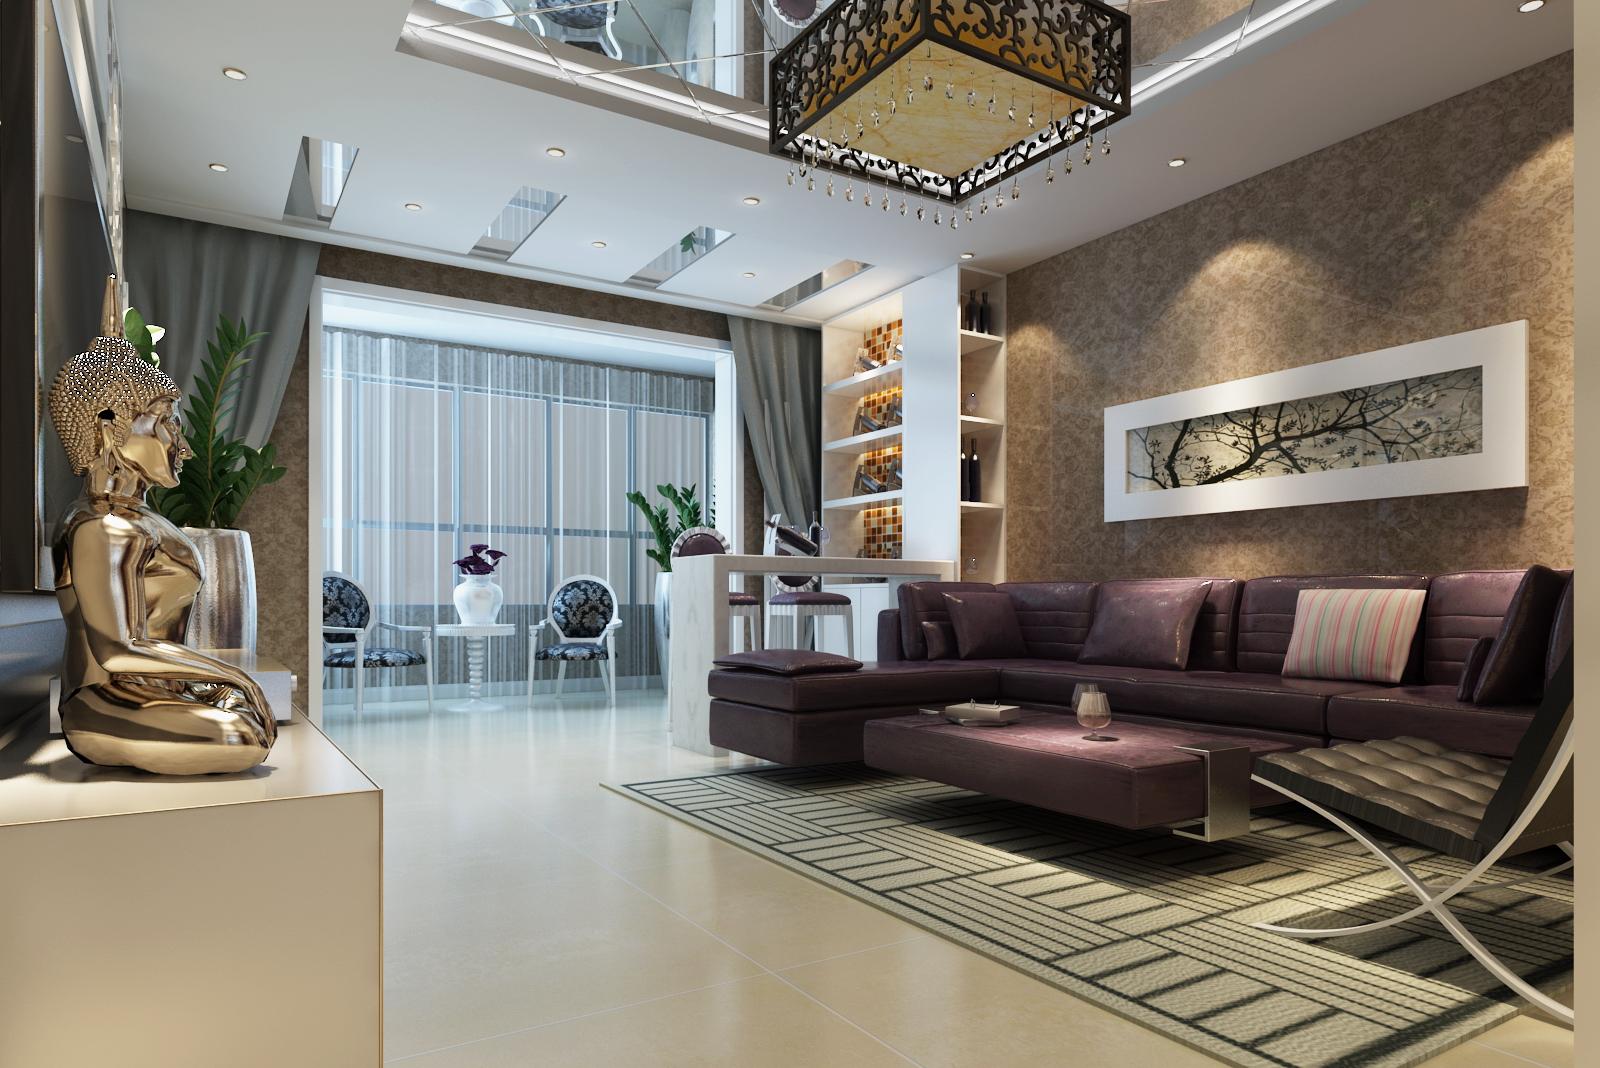 【提炼黑白配】120平米三居室现代简约风格北京二手房装修设计效果图